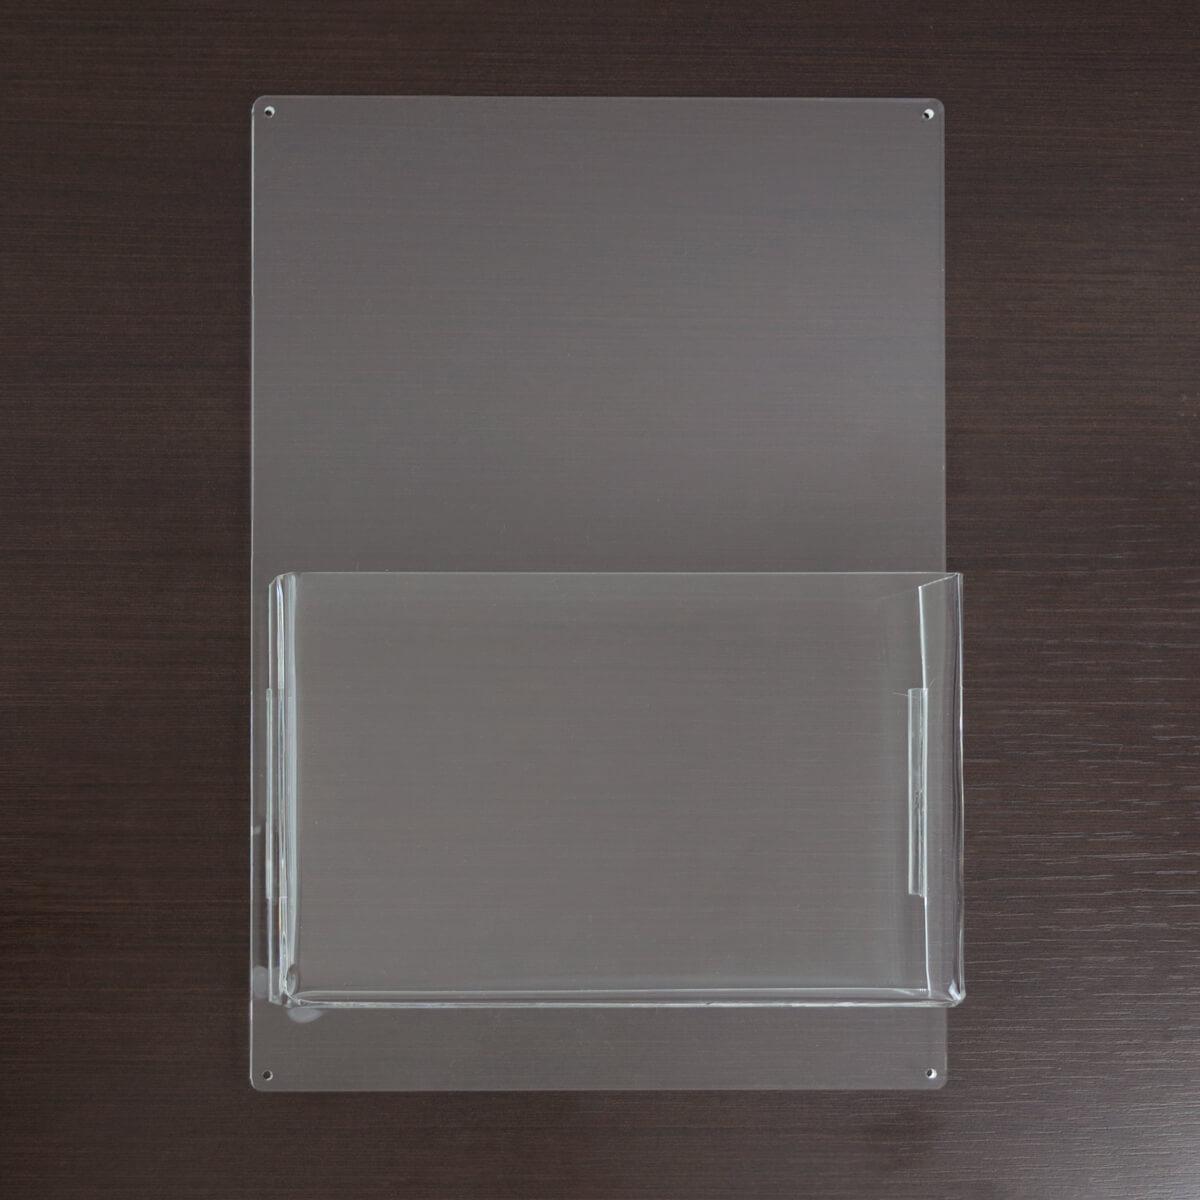 Porta folder A5 de parede feito em acrílico